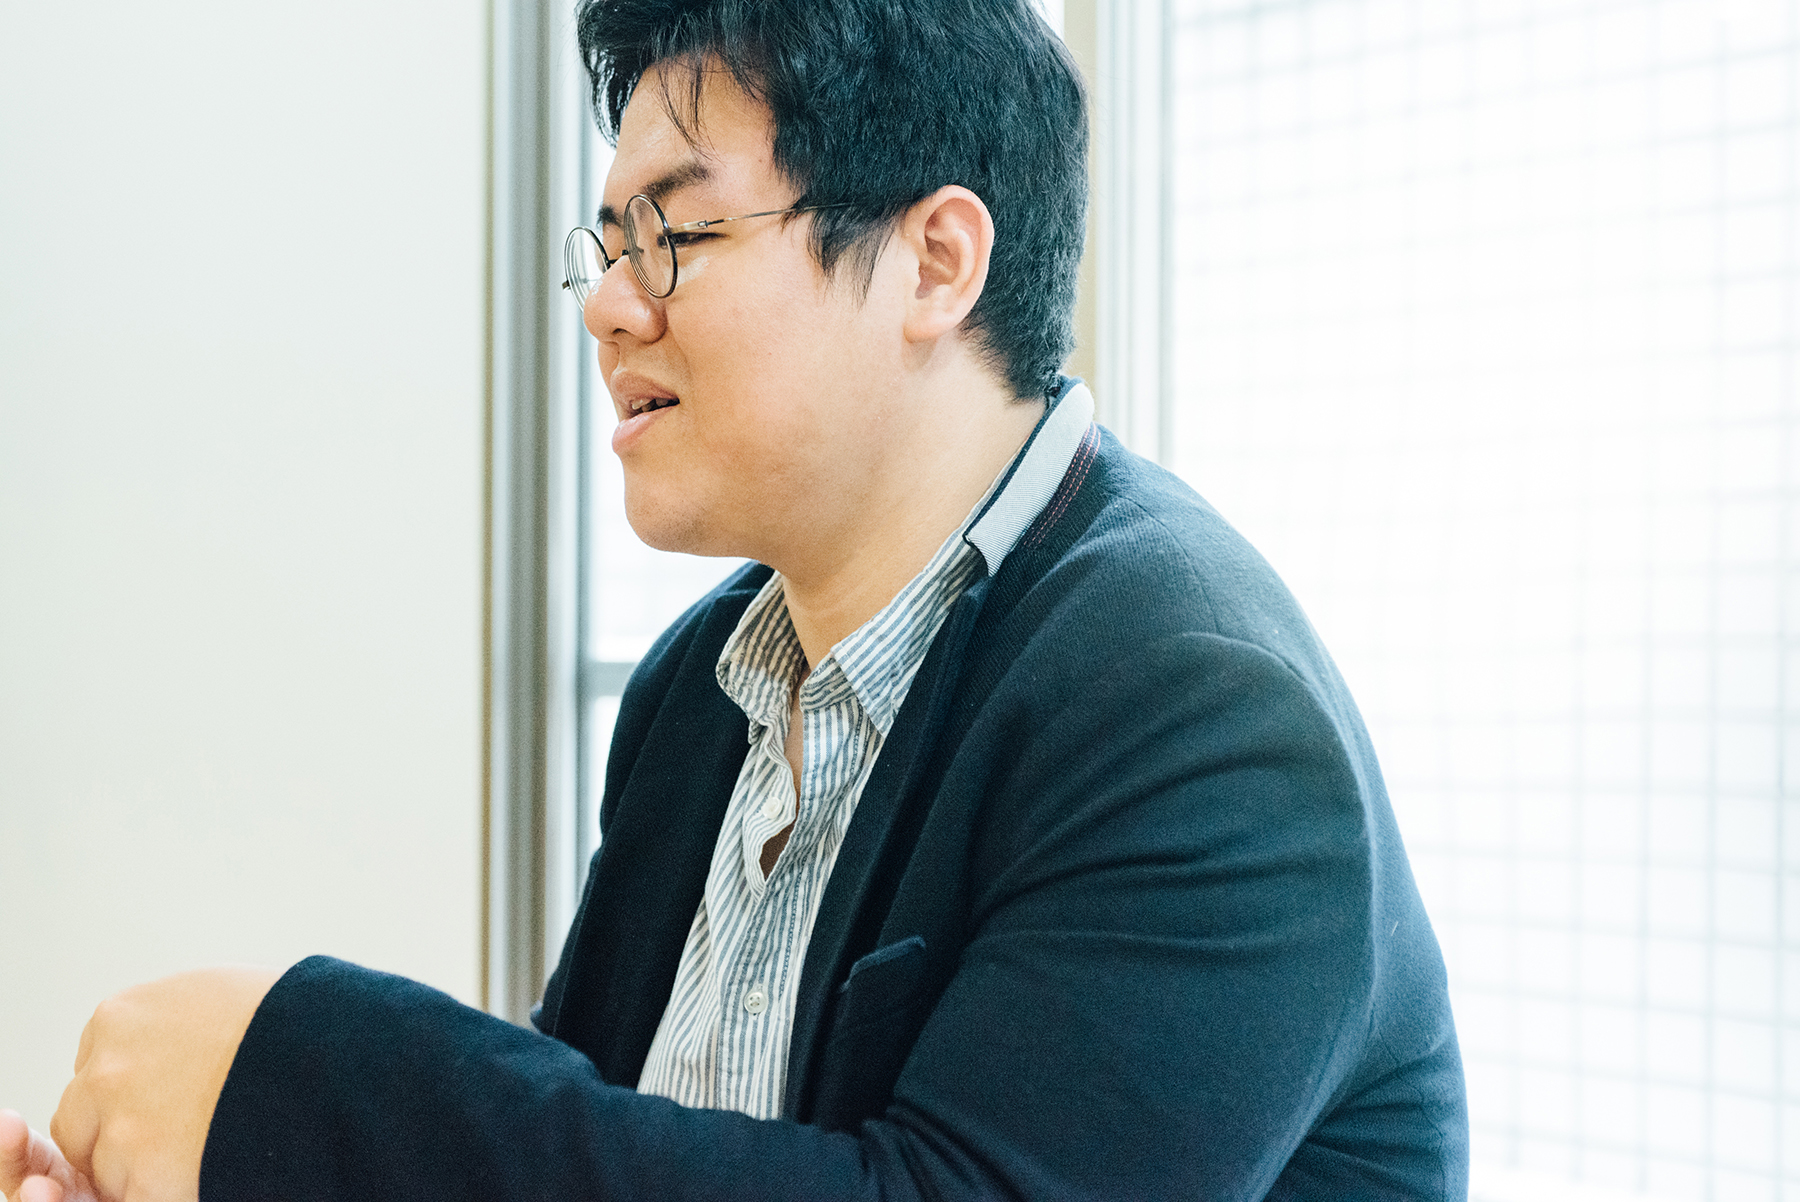 成立網路平臺之餘,方佑升也舉辦專業課程及講座,向大眾分享紙張的各項知識。